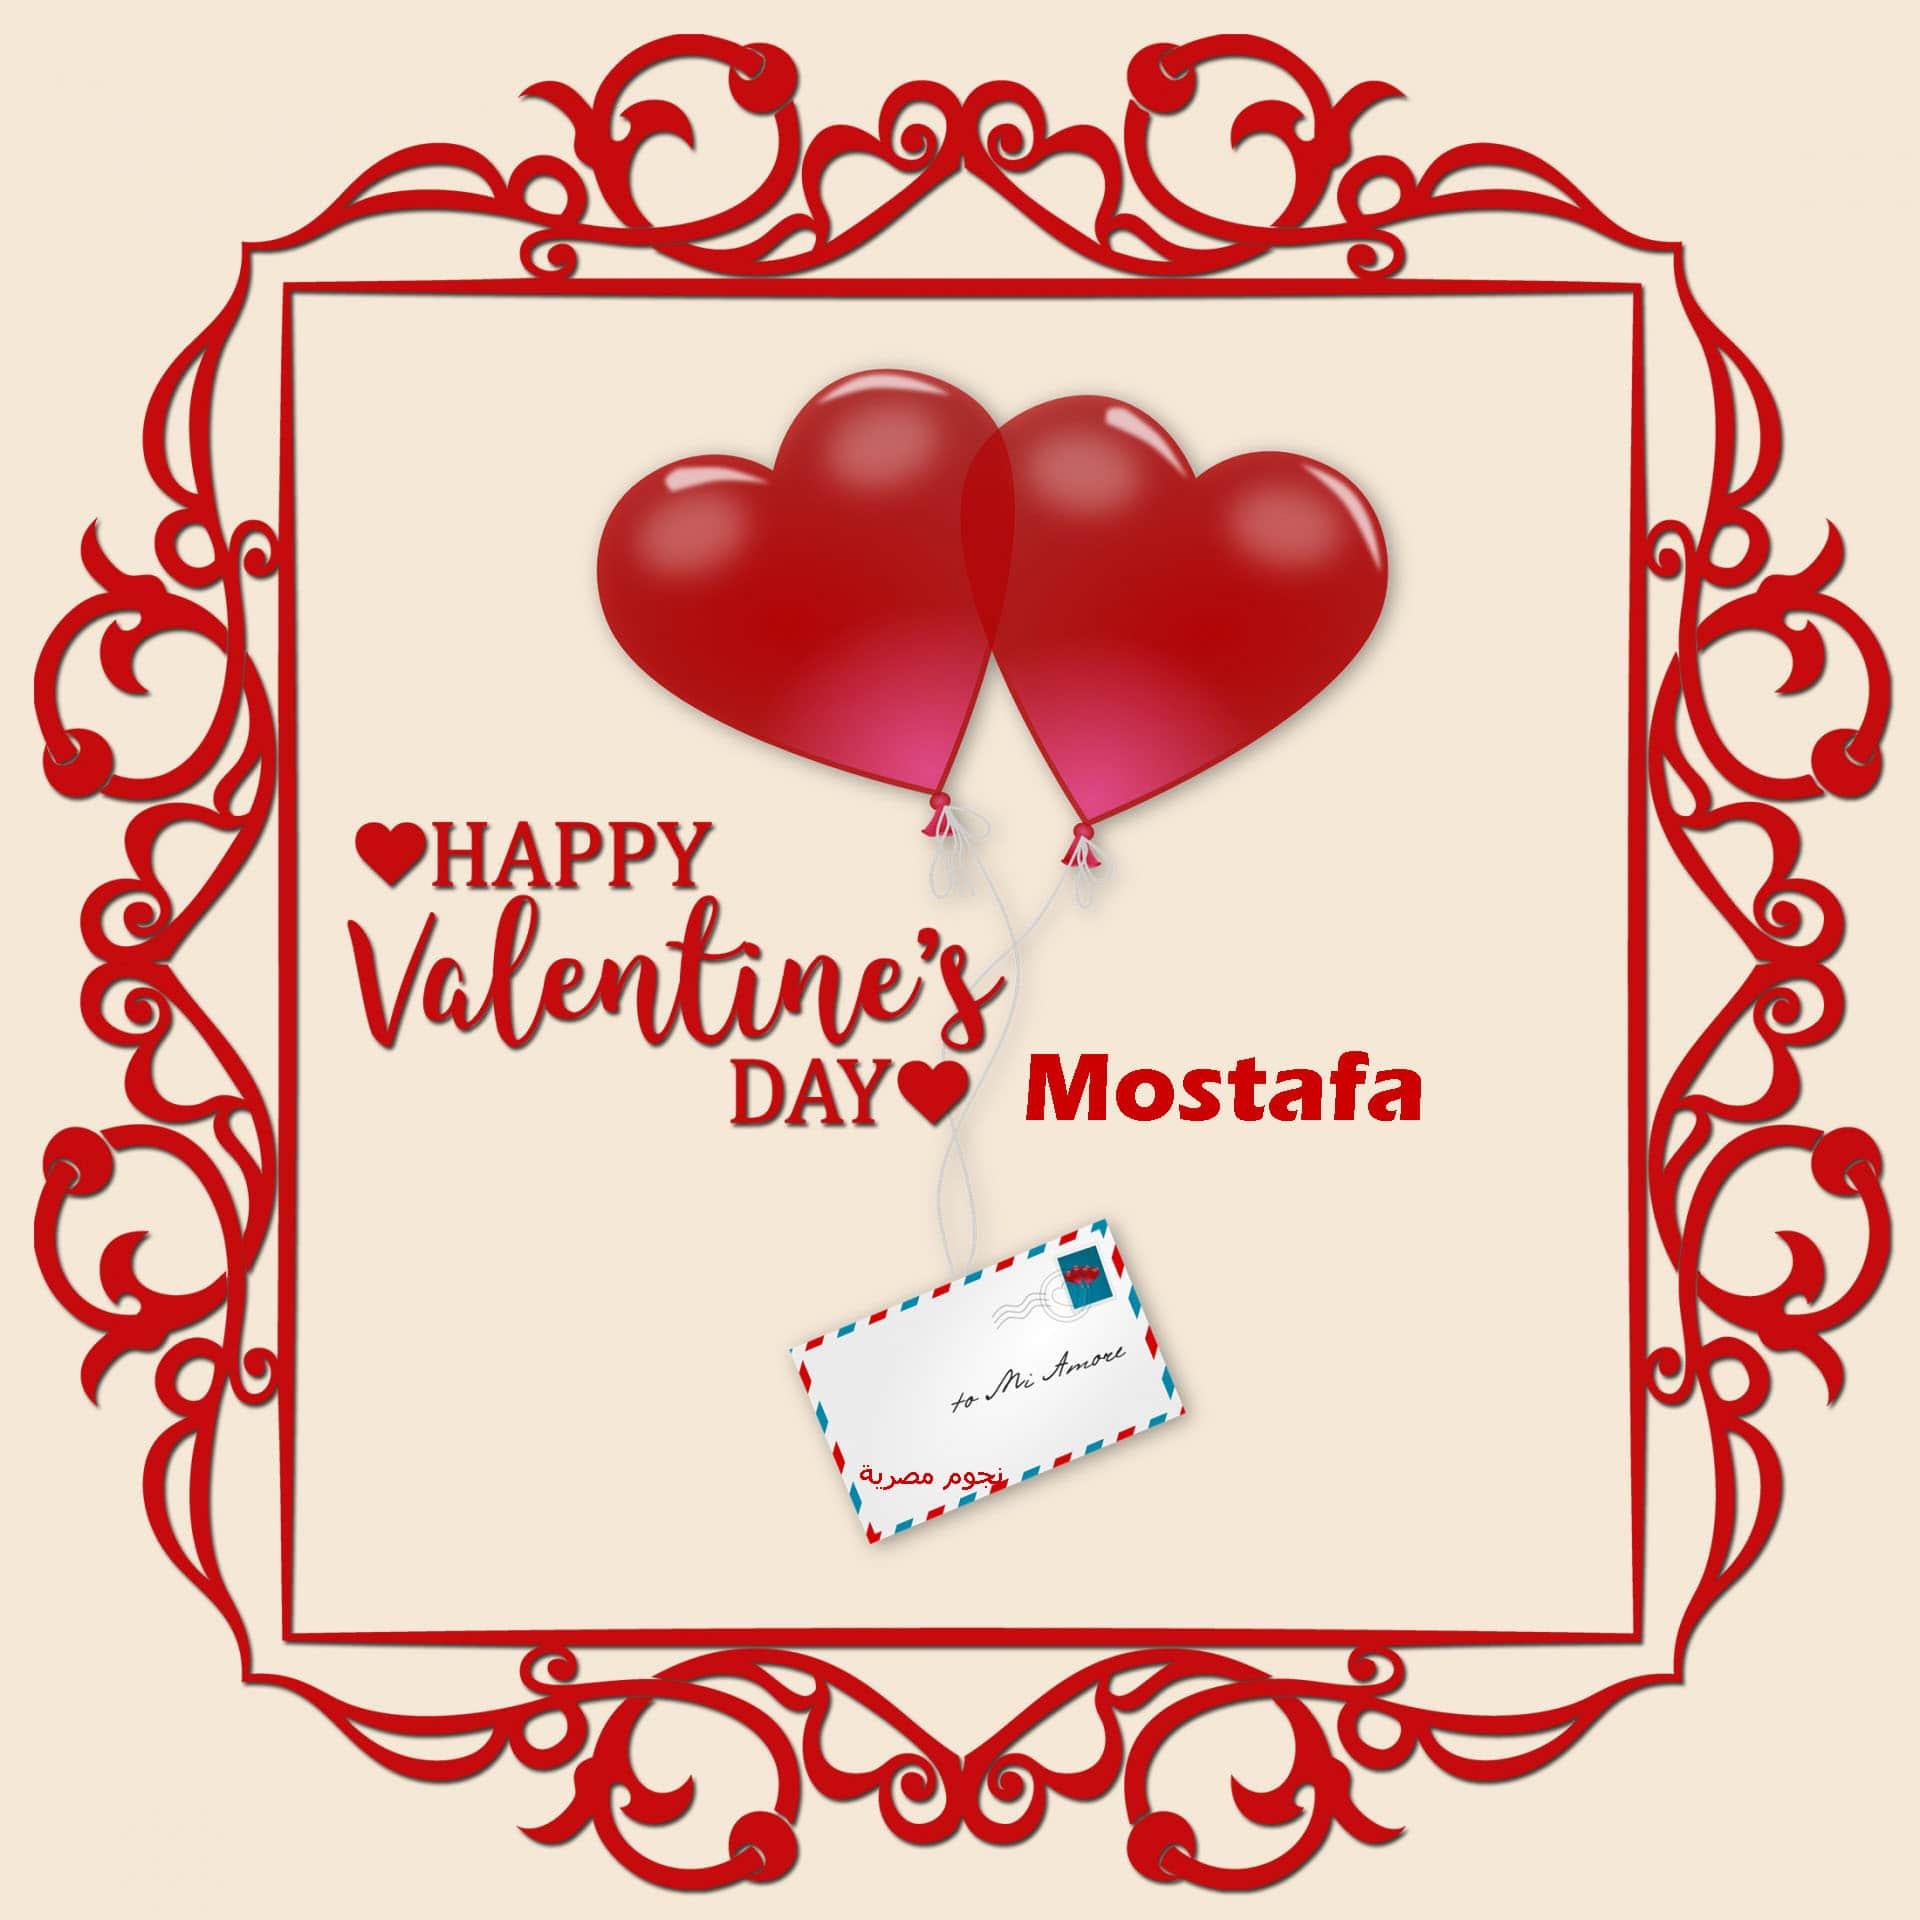 بالصور رسائل عن الحب , صور لعيد الحب 5203 15